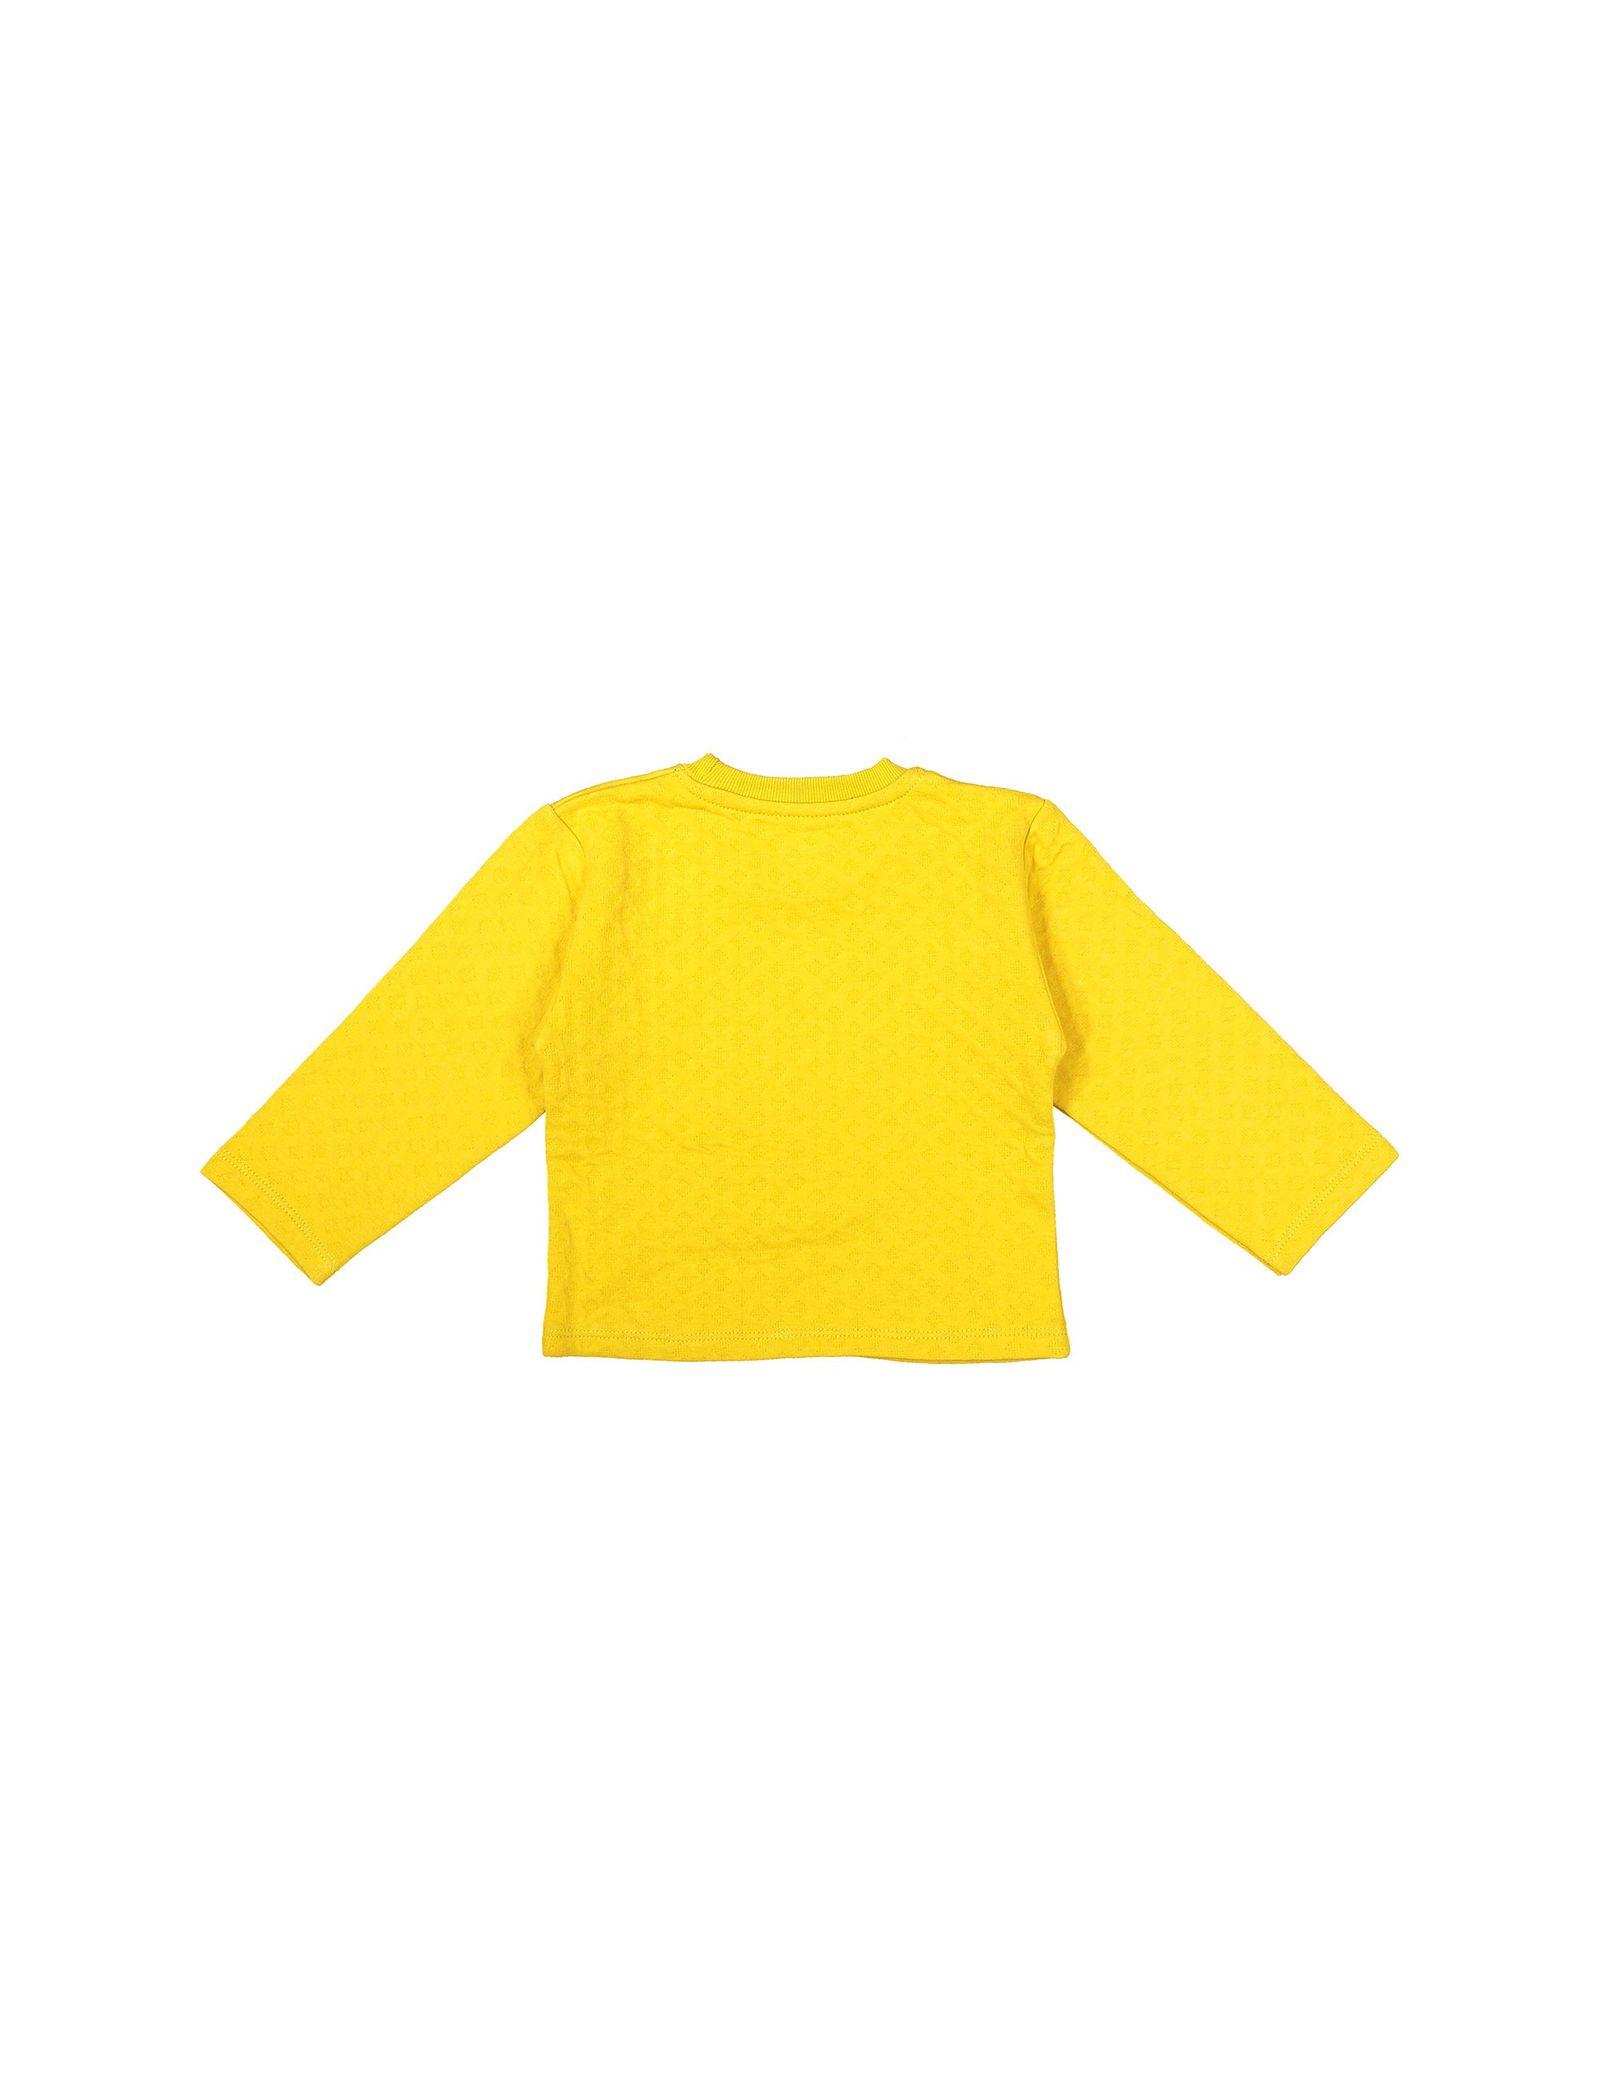 تی شرت و شلوار نخی پسرانه - سون پون - خردلي - 3